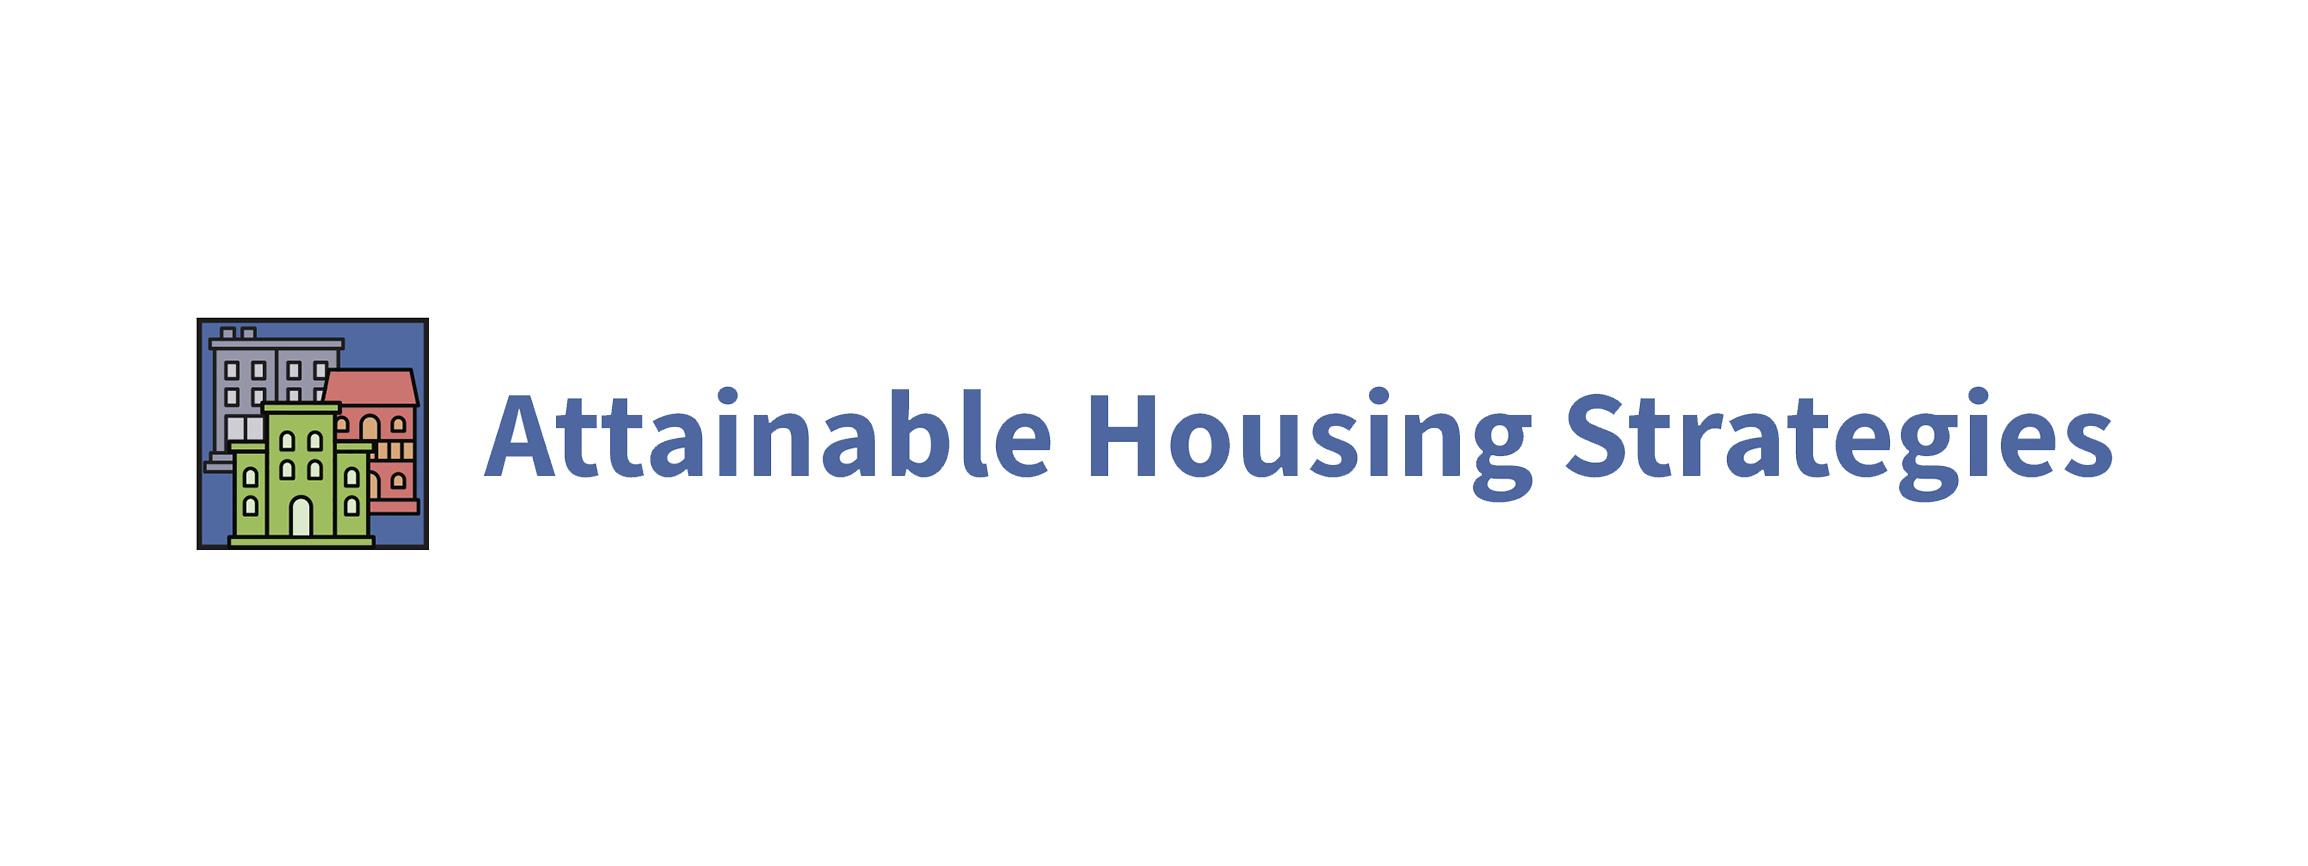 Attainable Housing Strategies